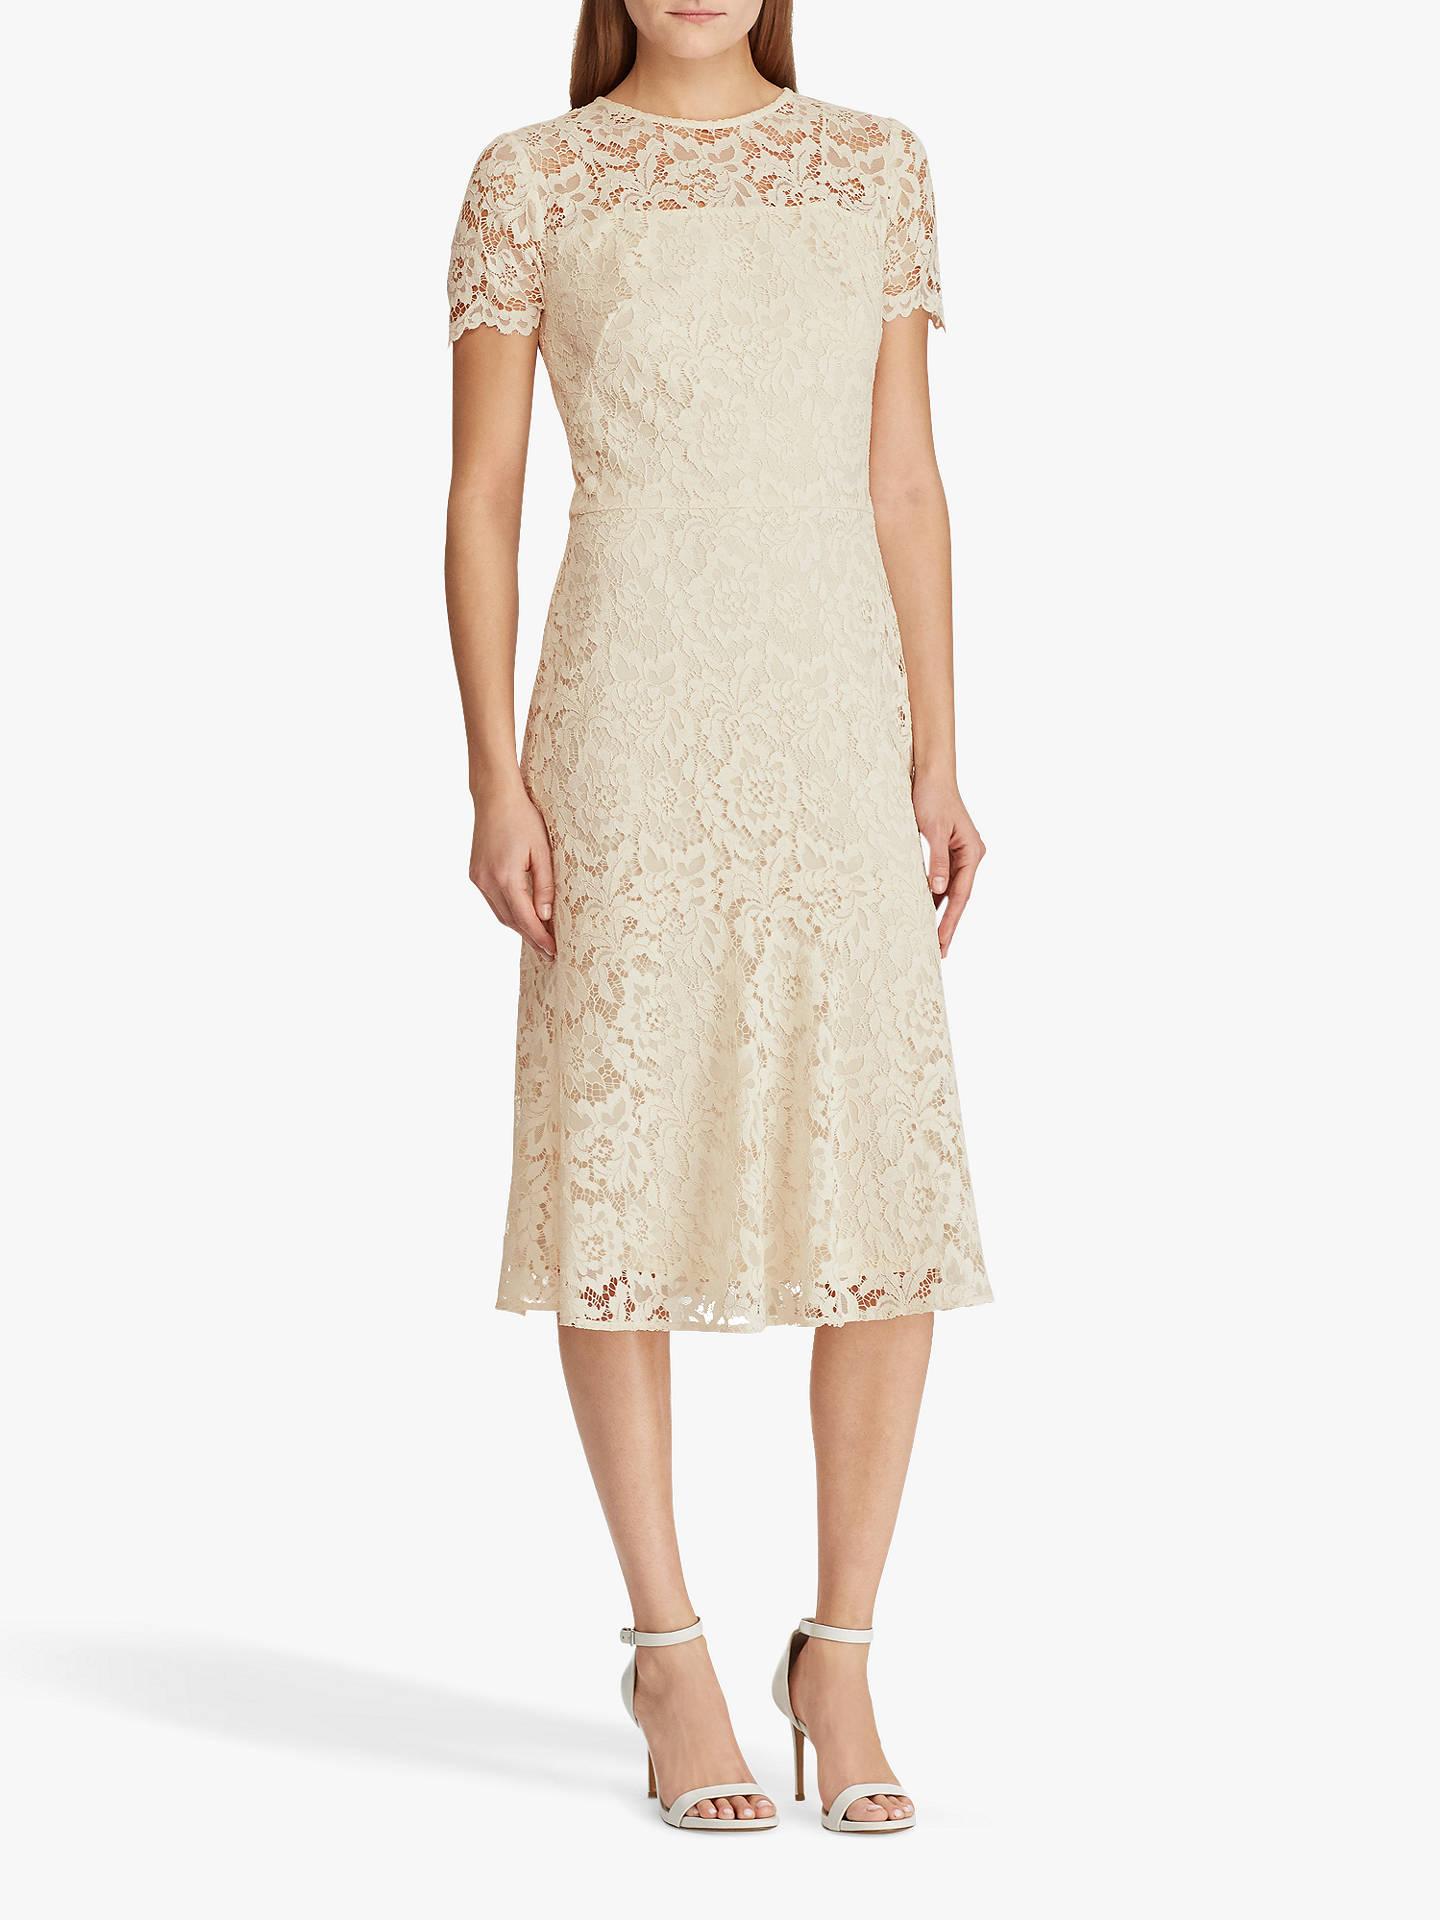 1e78f7b5d15 Buy Lauren Ralph Lauren Loki Lace Cocktail Dress